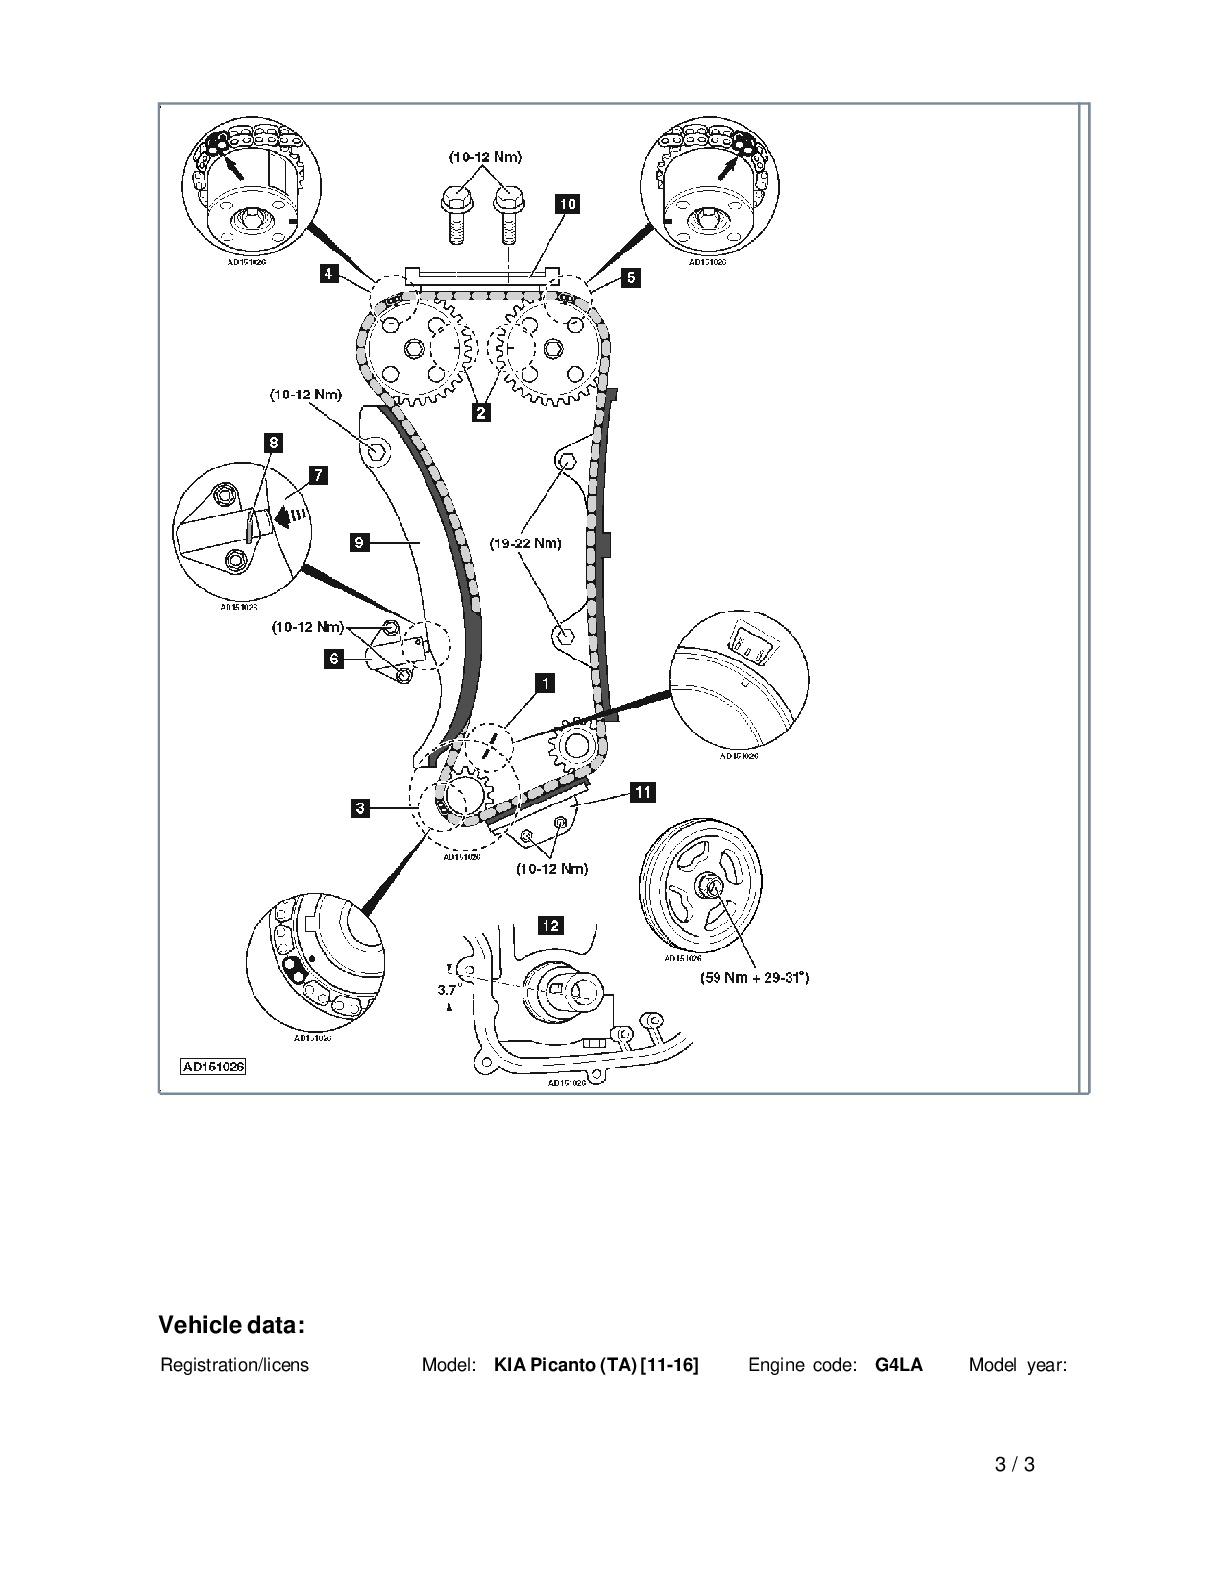 como sincronizar un kia pikanto motor g4la 2011